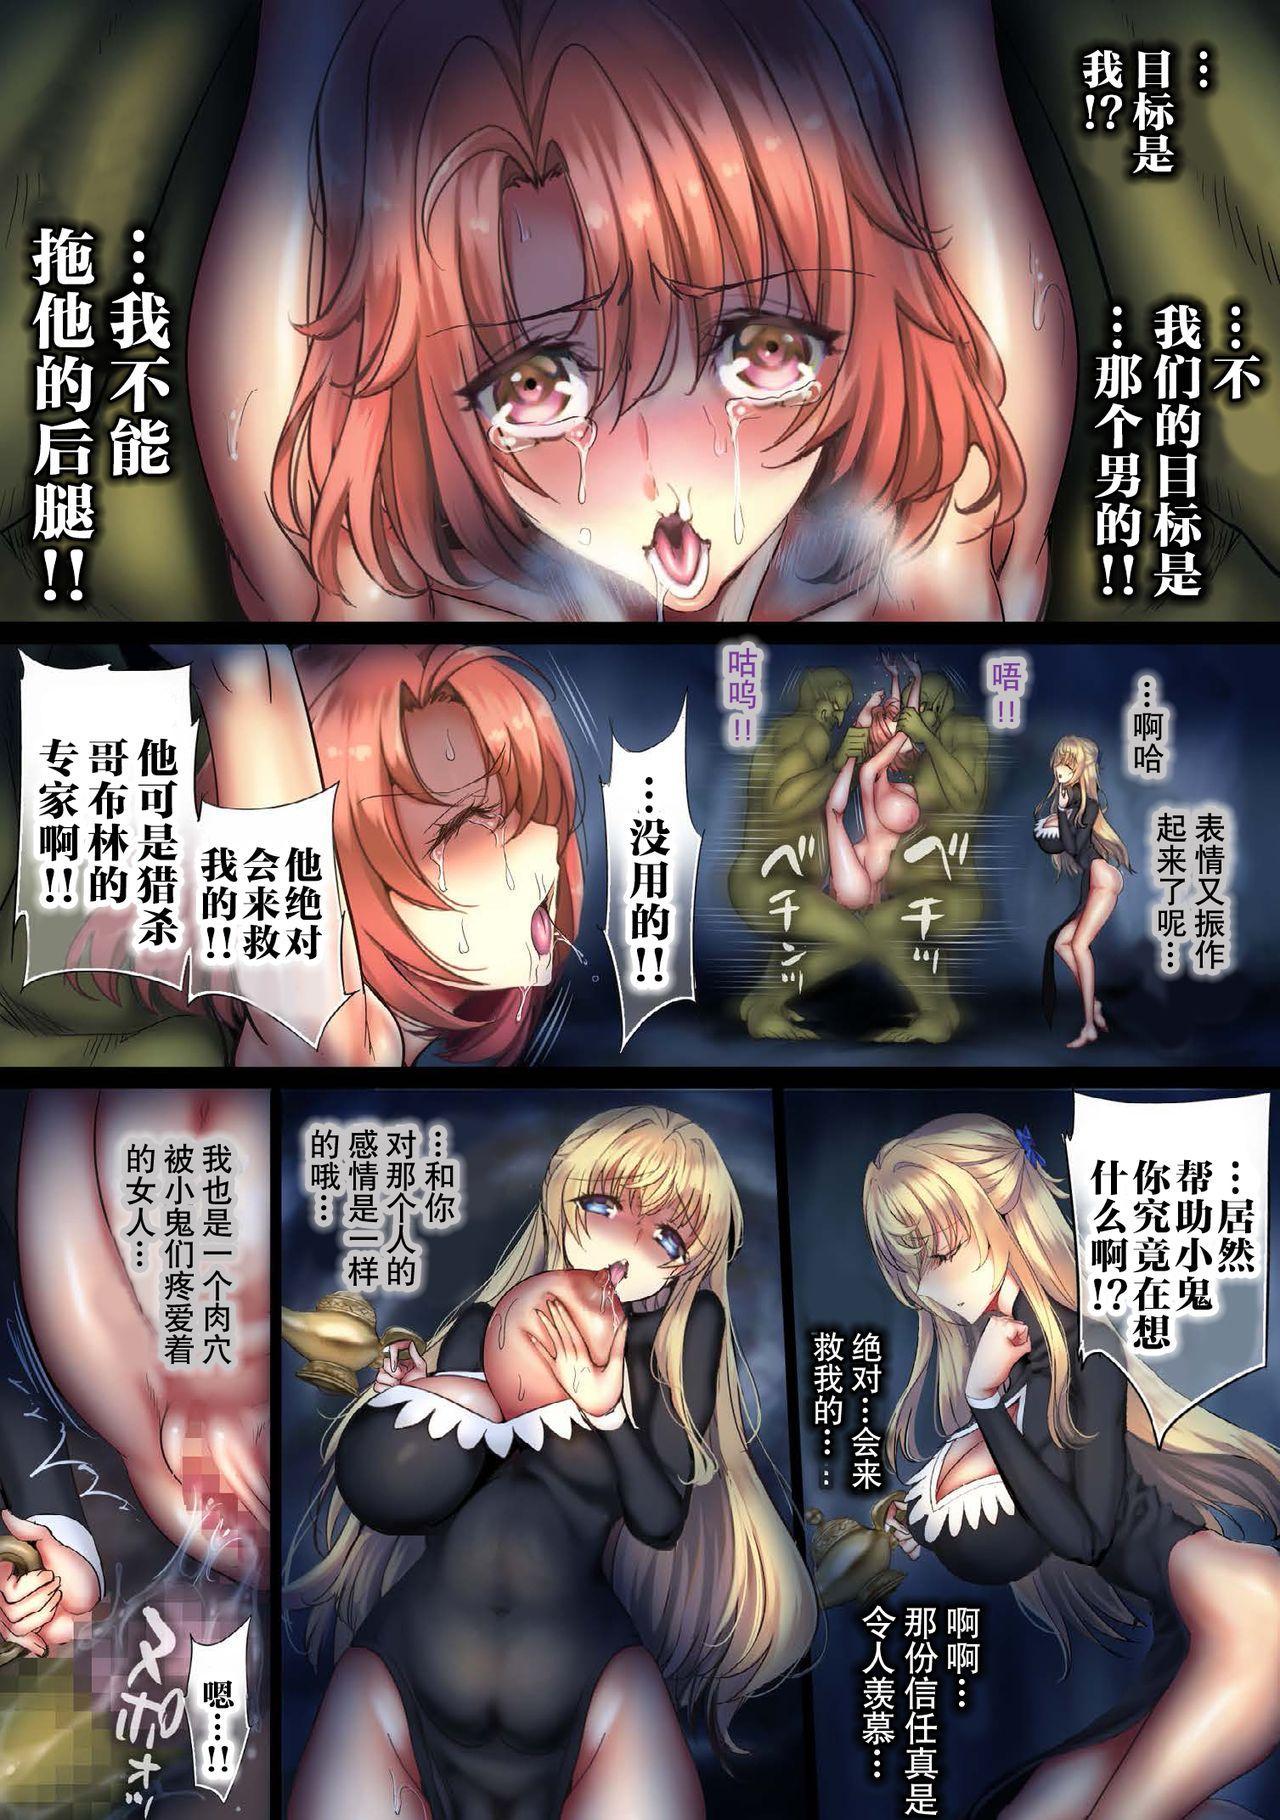 Zenmetsu Party Rape 3 | 全灭强奸派对3 7